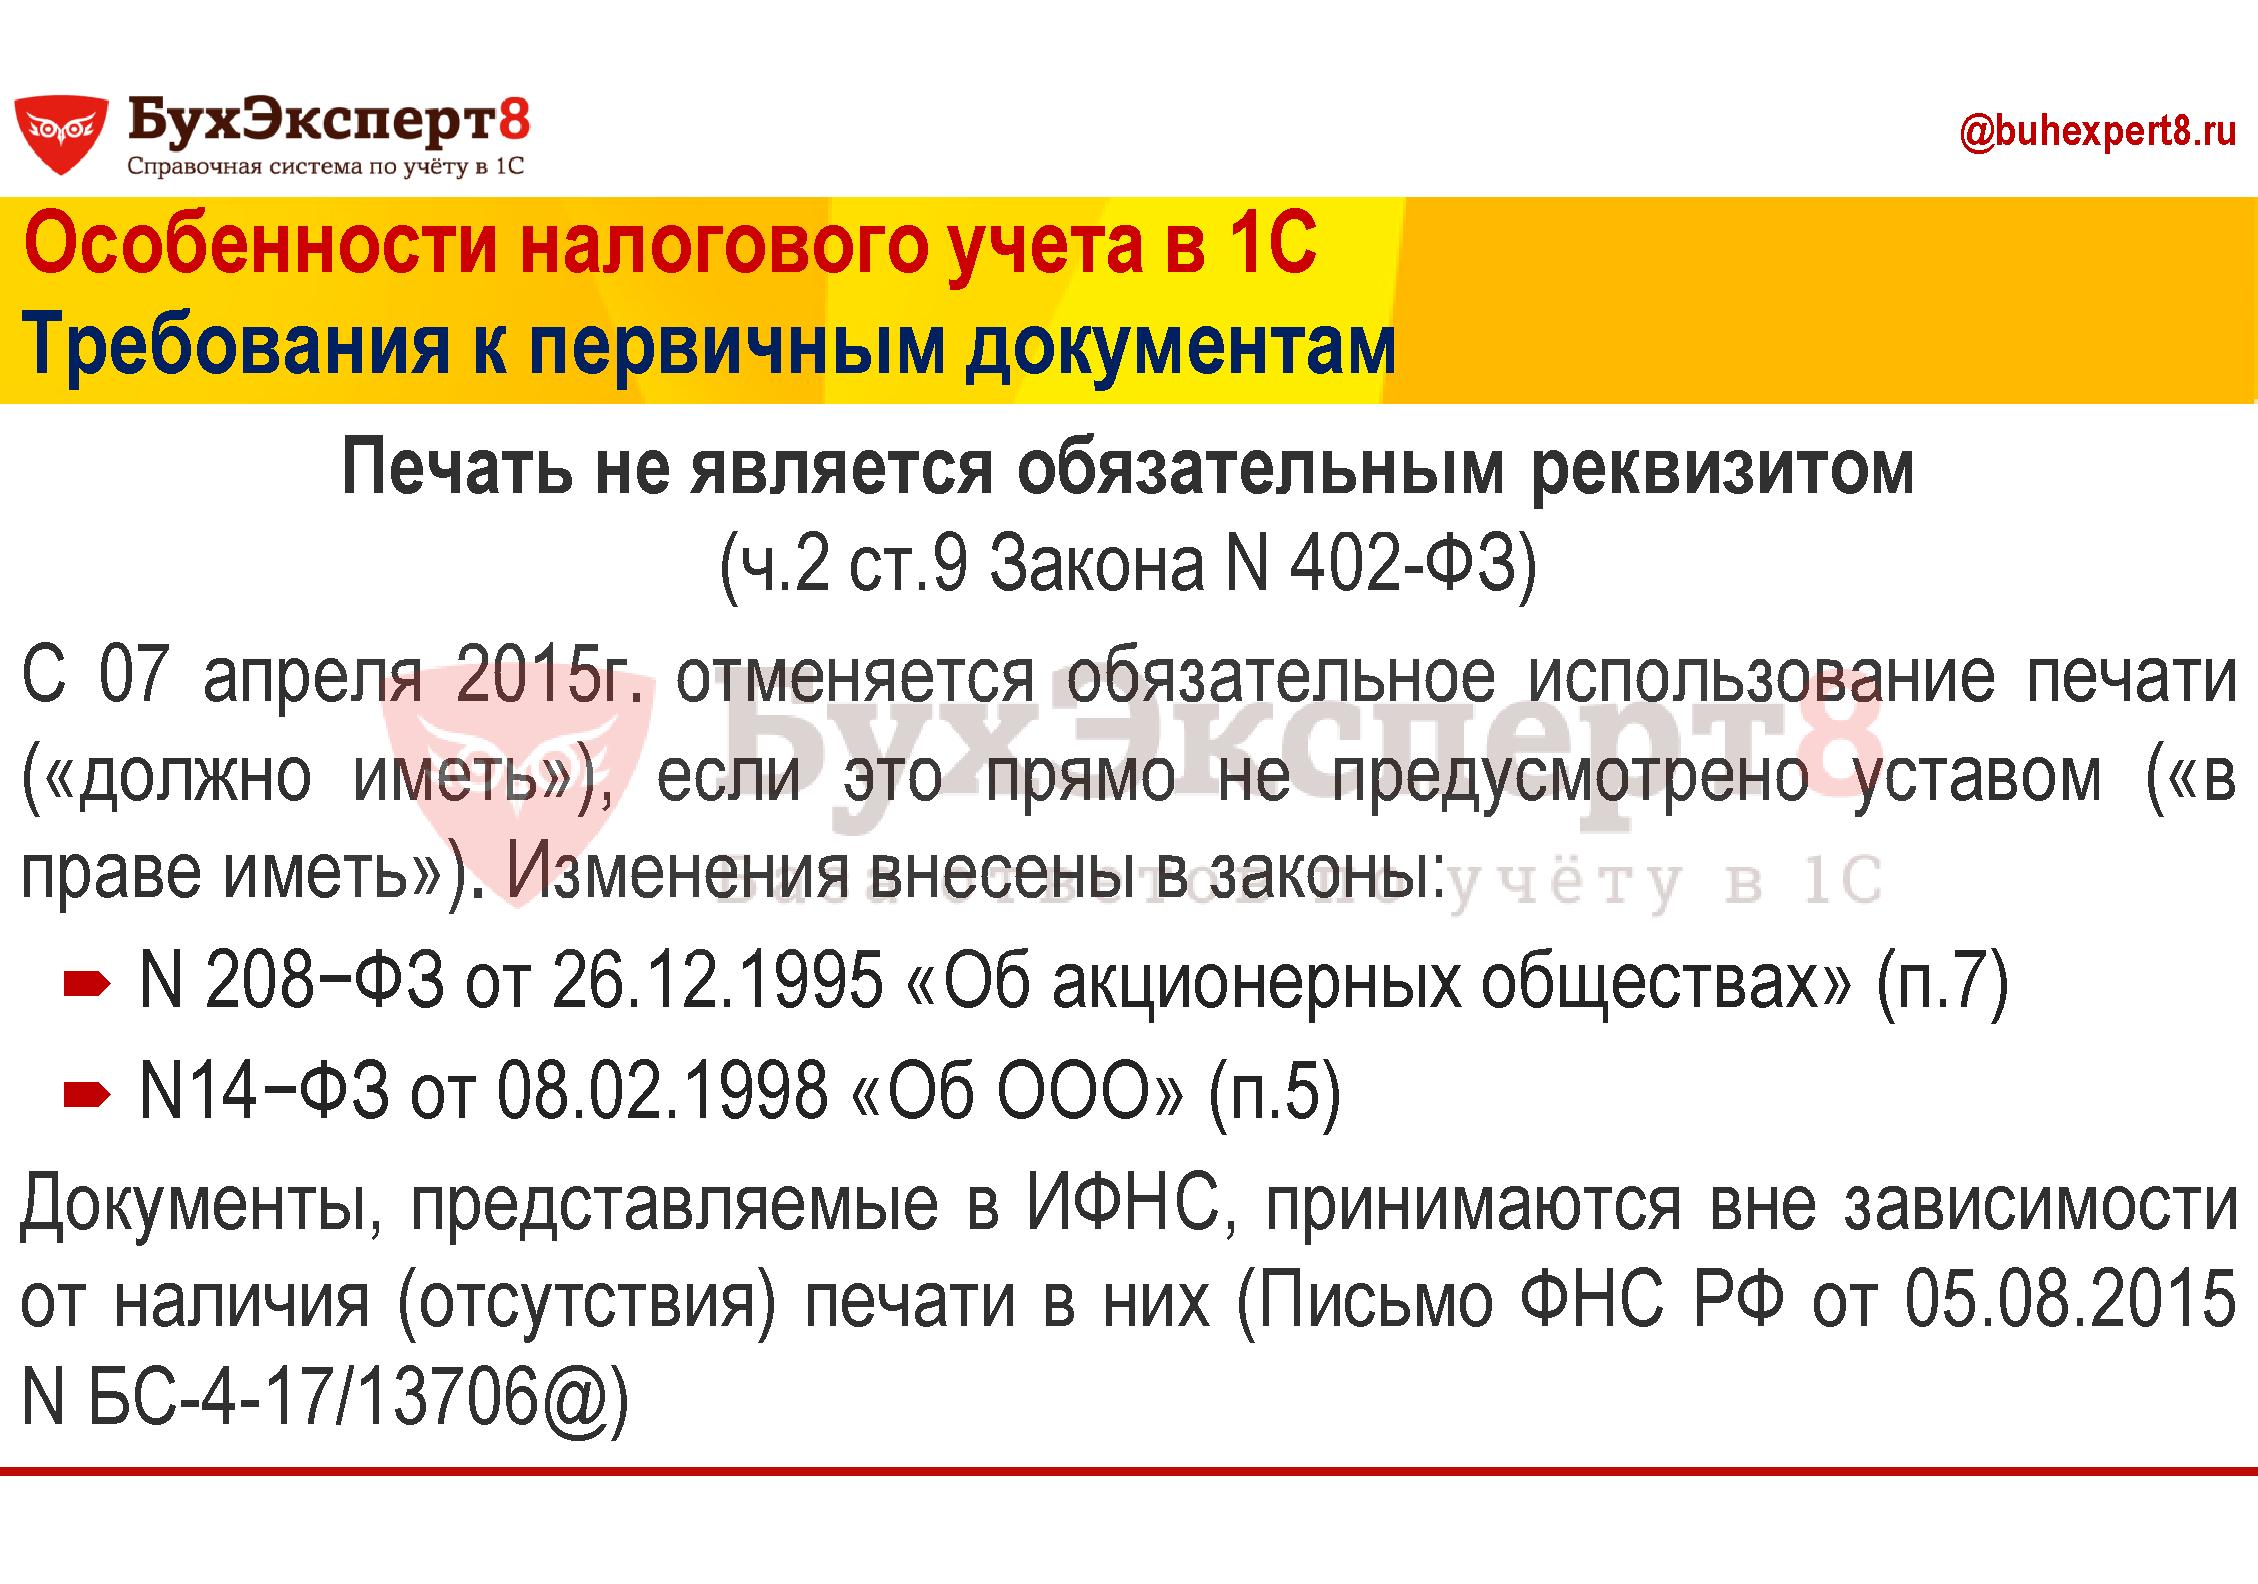 Особенности налогового учета в 1С Требования к первичным документам Печать не является обязательным реквизитом (ч.2 ст.9 Закона N 402-ФЗ) С 07 апреля 2015г. отменяется обязательное использование печати («должно иметь»), если это прямо не предусмотрено уставом («в праве иметь»). Изменения внесены в законы: N208−ФЗ от 26.12.1995 «Об акционерных обществах» (п.7) N14−ФЗ от 08.02.1998 «Об ООО» (п.5) Документы, представляемые в ИФНС, принимаются вне зависимости от наличия (отсутствия) печати в них (Письмо ФНС РФ от 05.08.2015 N БС-4-17/13706@)